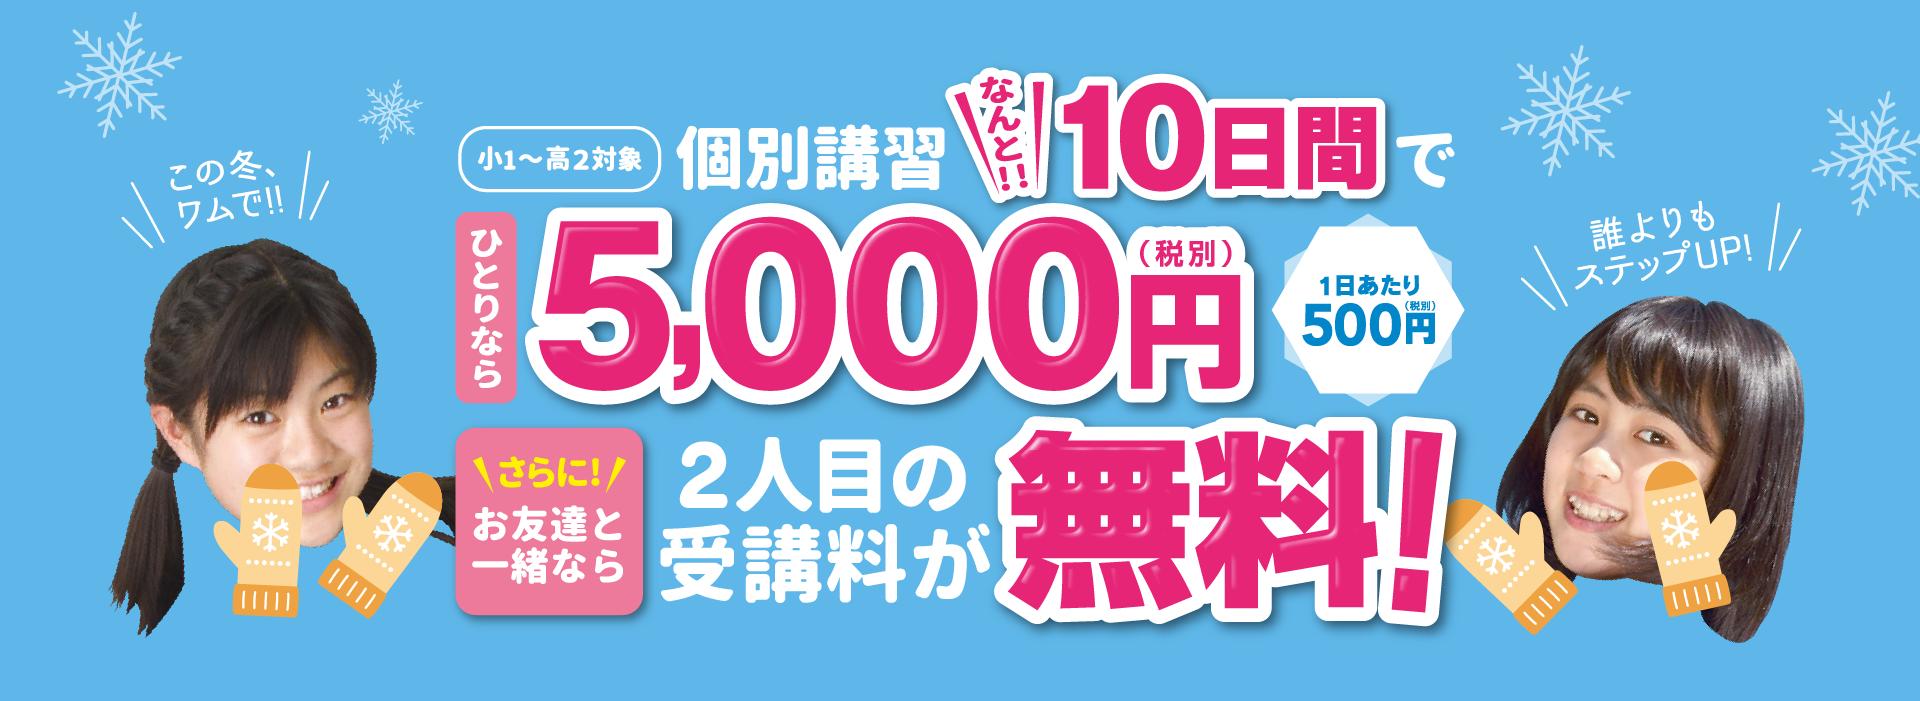 個別指導10日間がひとりなら5000円、お友達の2人の申し込みの場合2人目の受講が無料